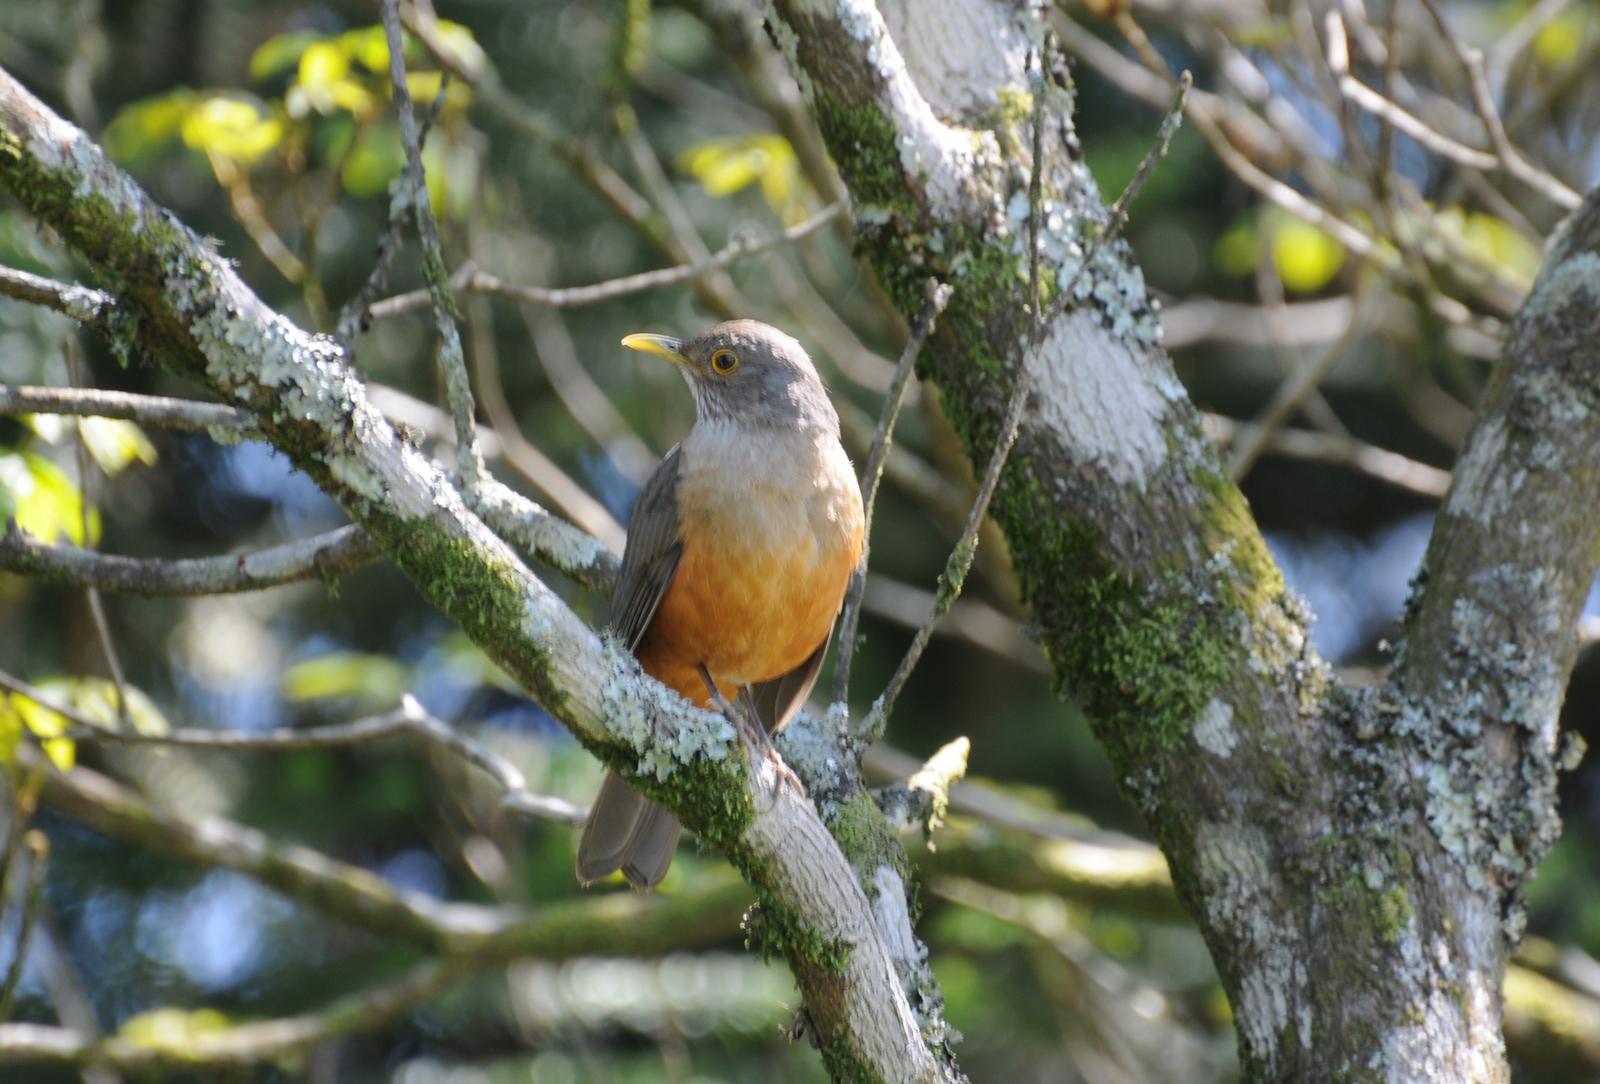 Animais - Pássaro - Sabiá-laranjeira - Sustentabilidade